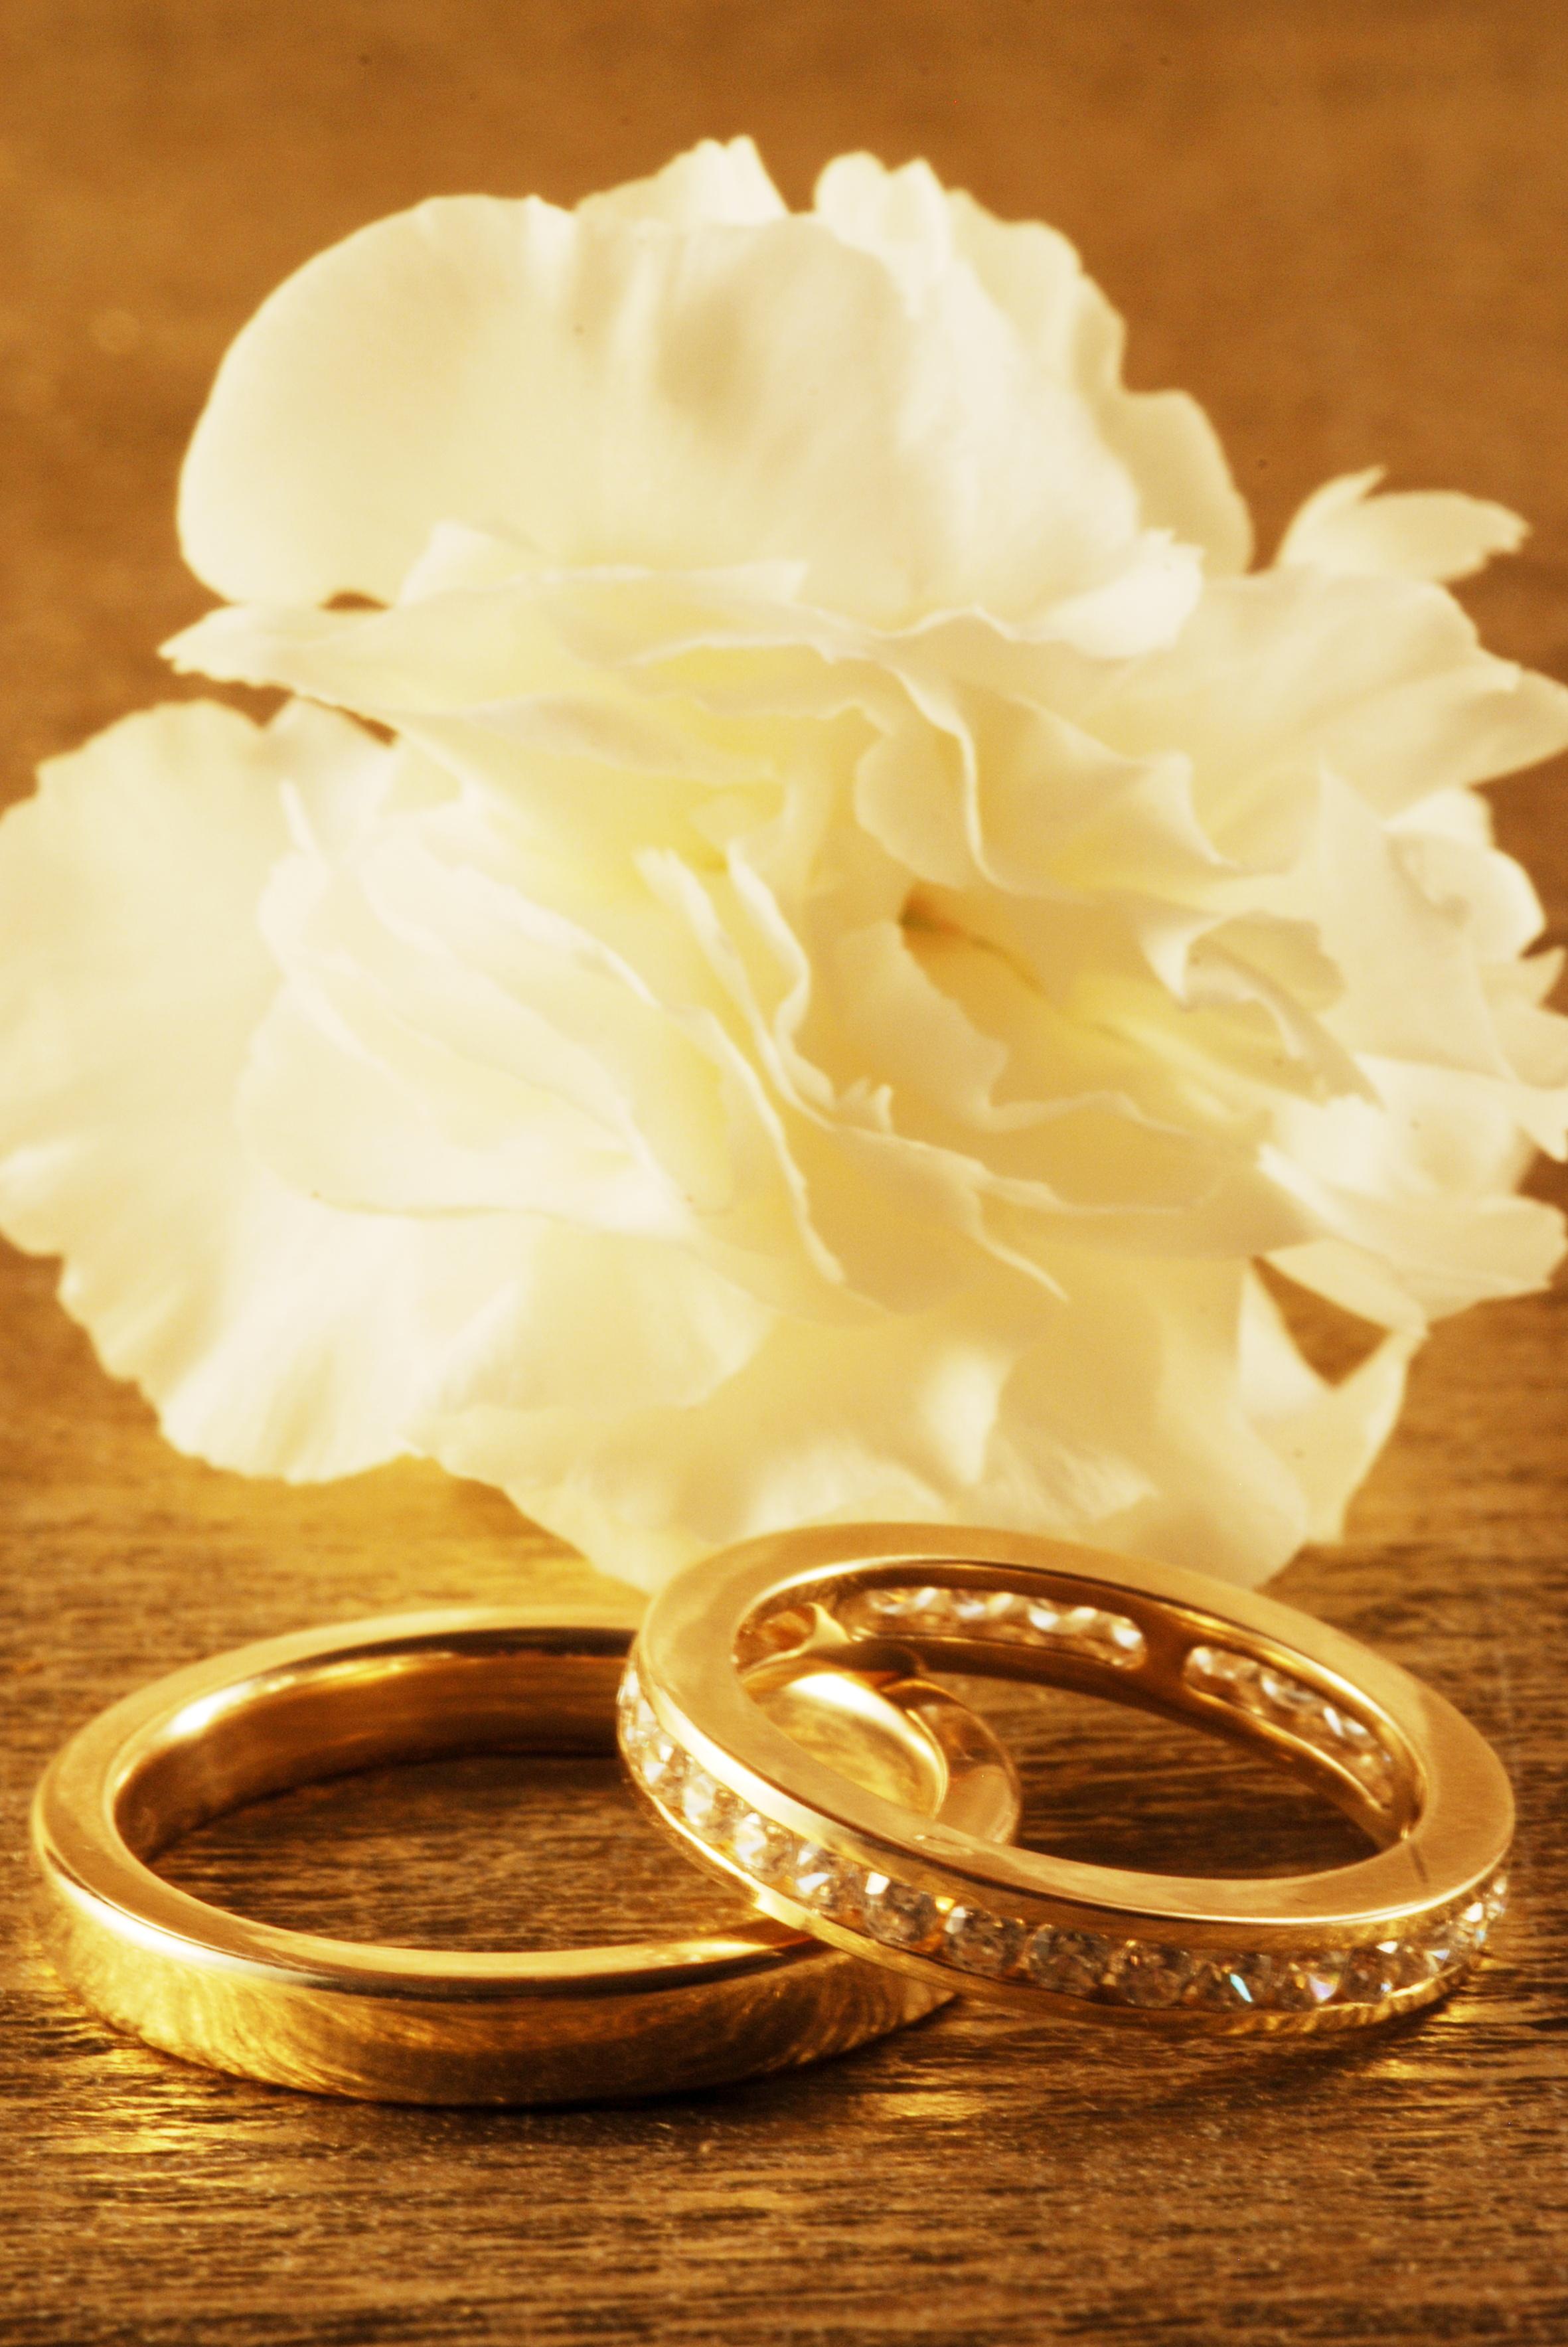 Jak Češi uzavírají sňatky